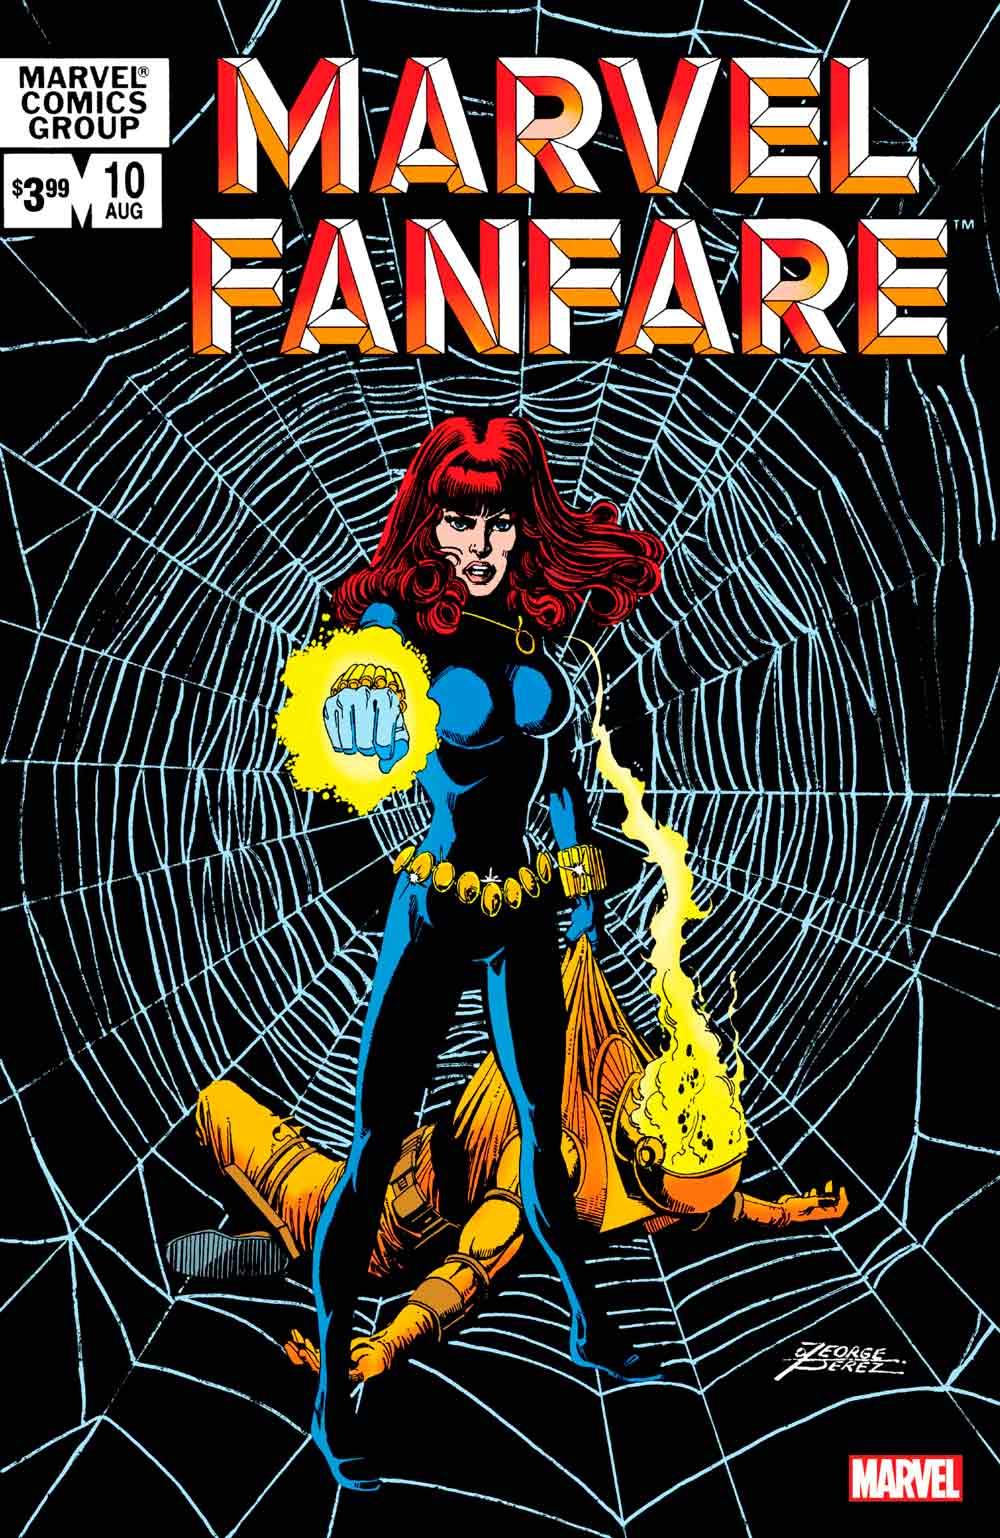 Black Widow marvel fanfare